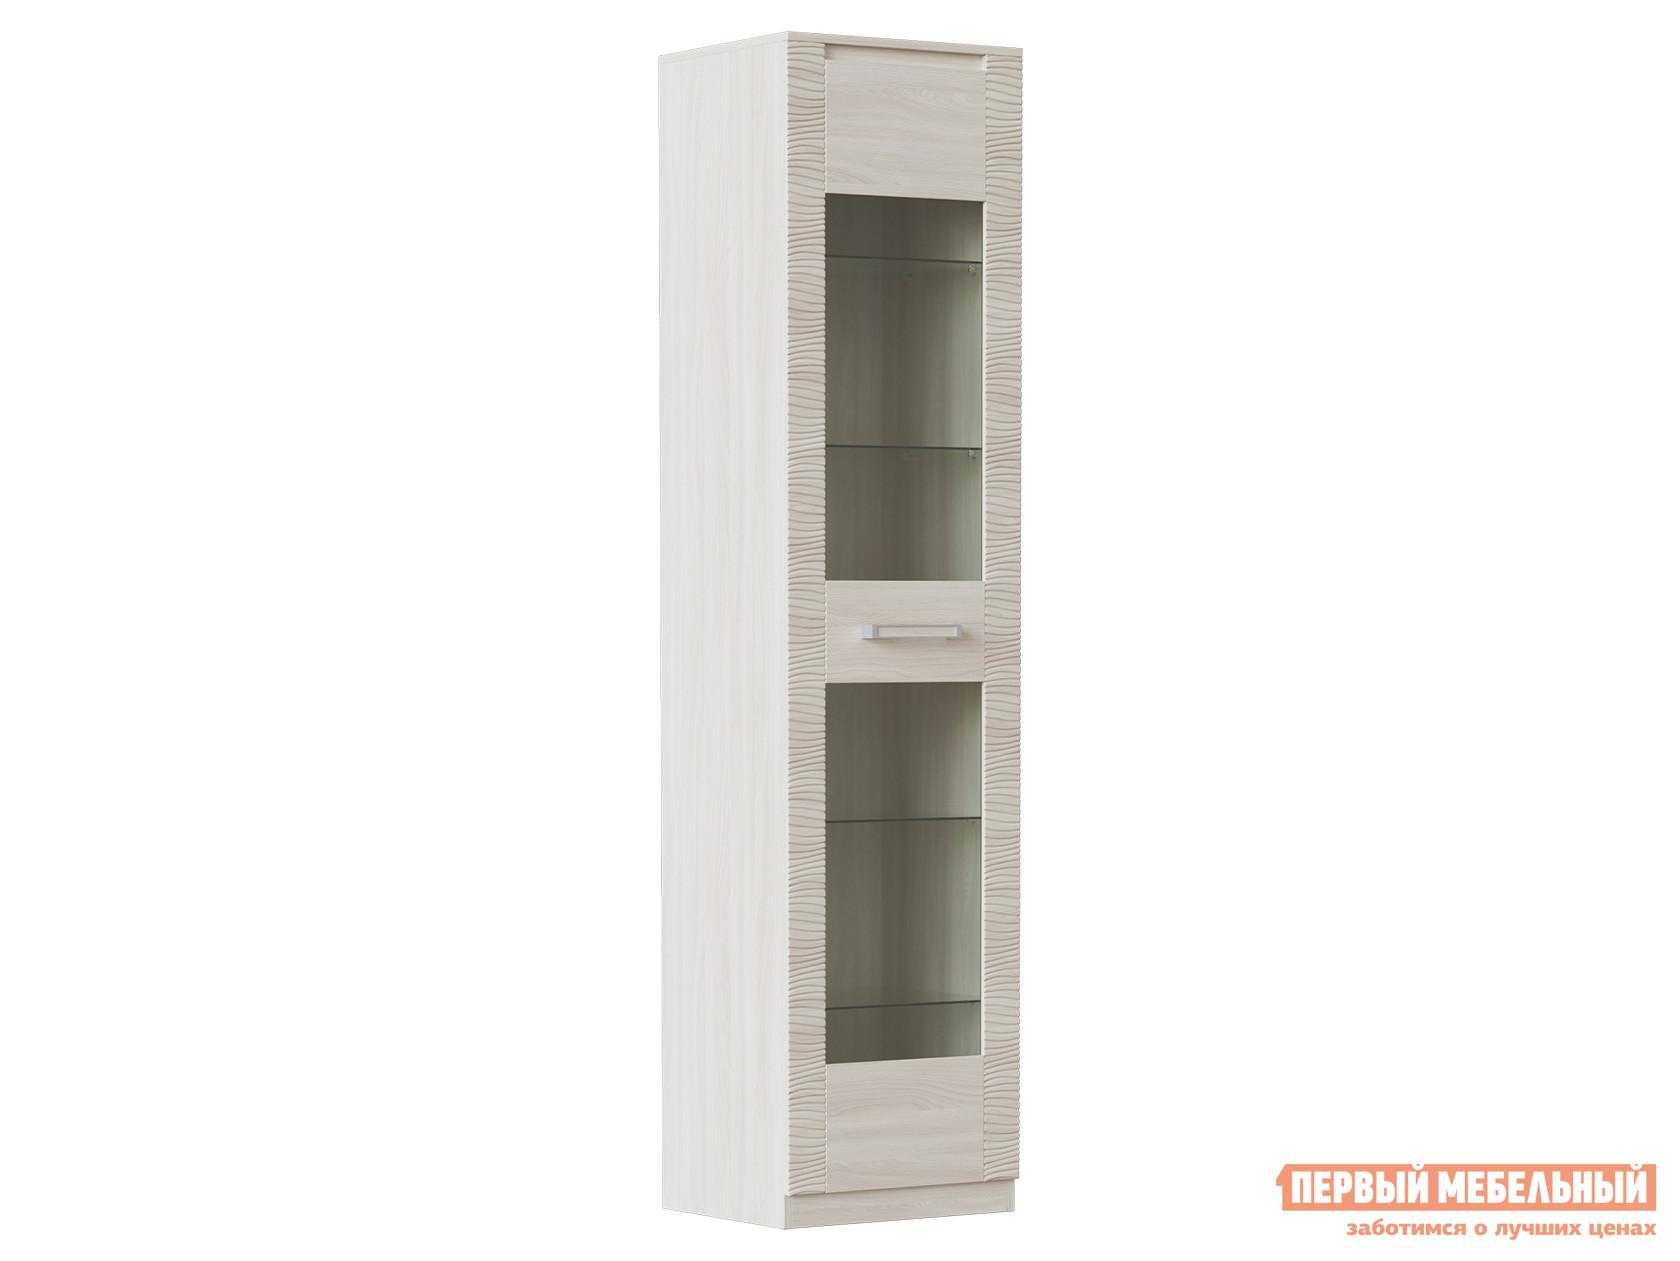 Шкаф-витрина Первый Мебельный Элегия ШК-144